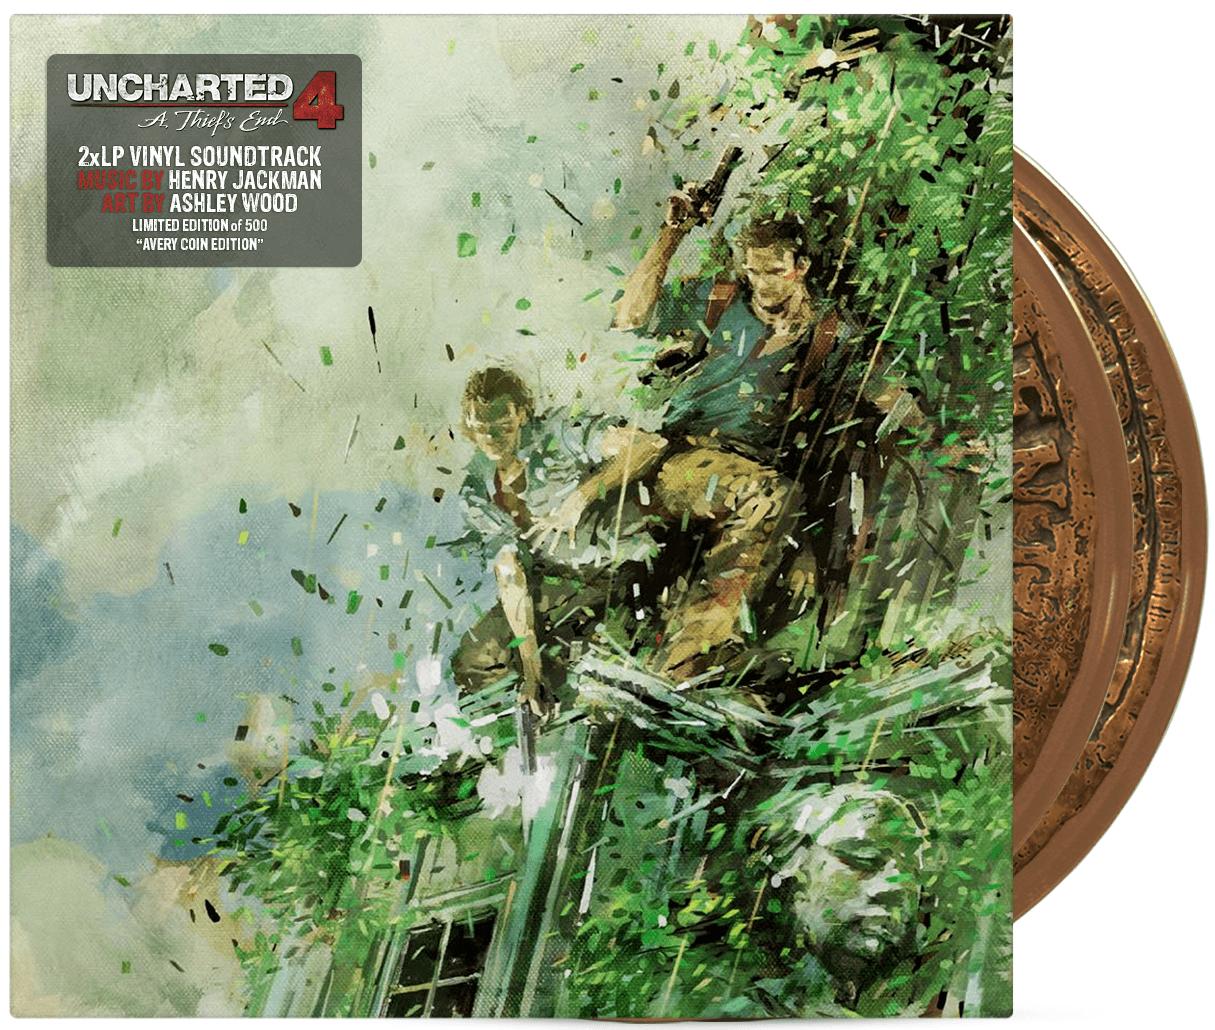 【Uncharted(アンチャーテッド)】海賊王と最後の秘宝 - 画像1